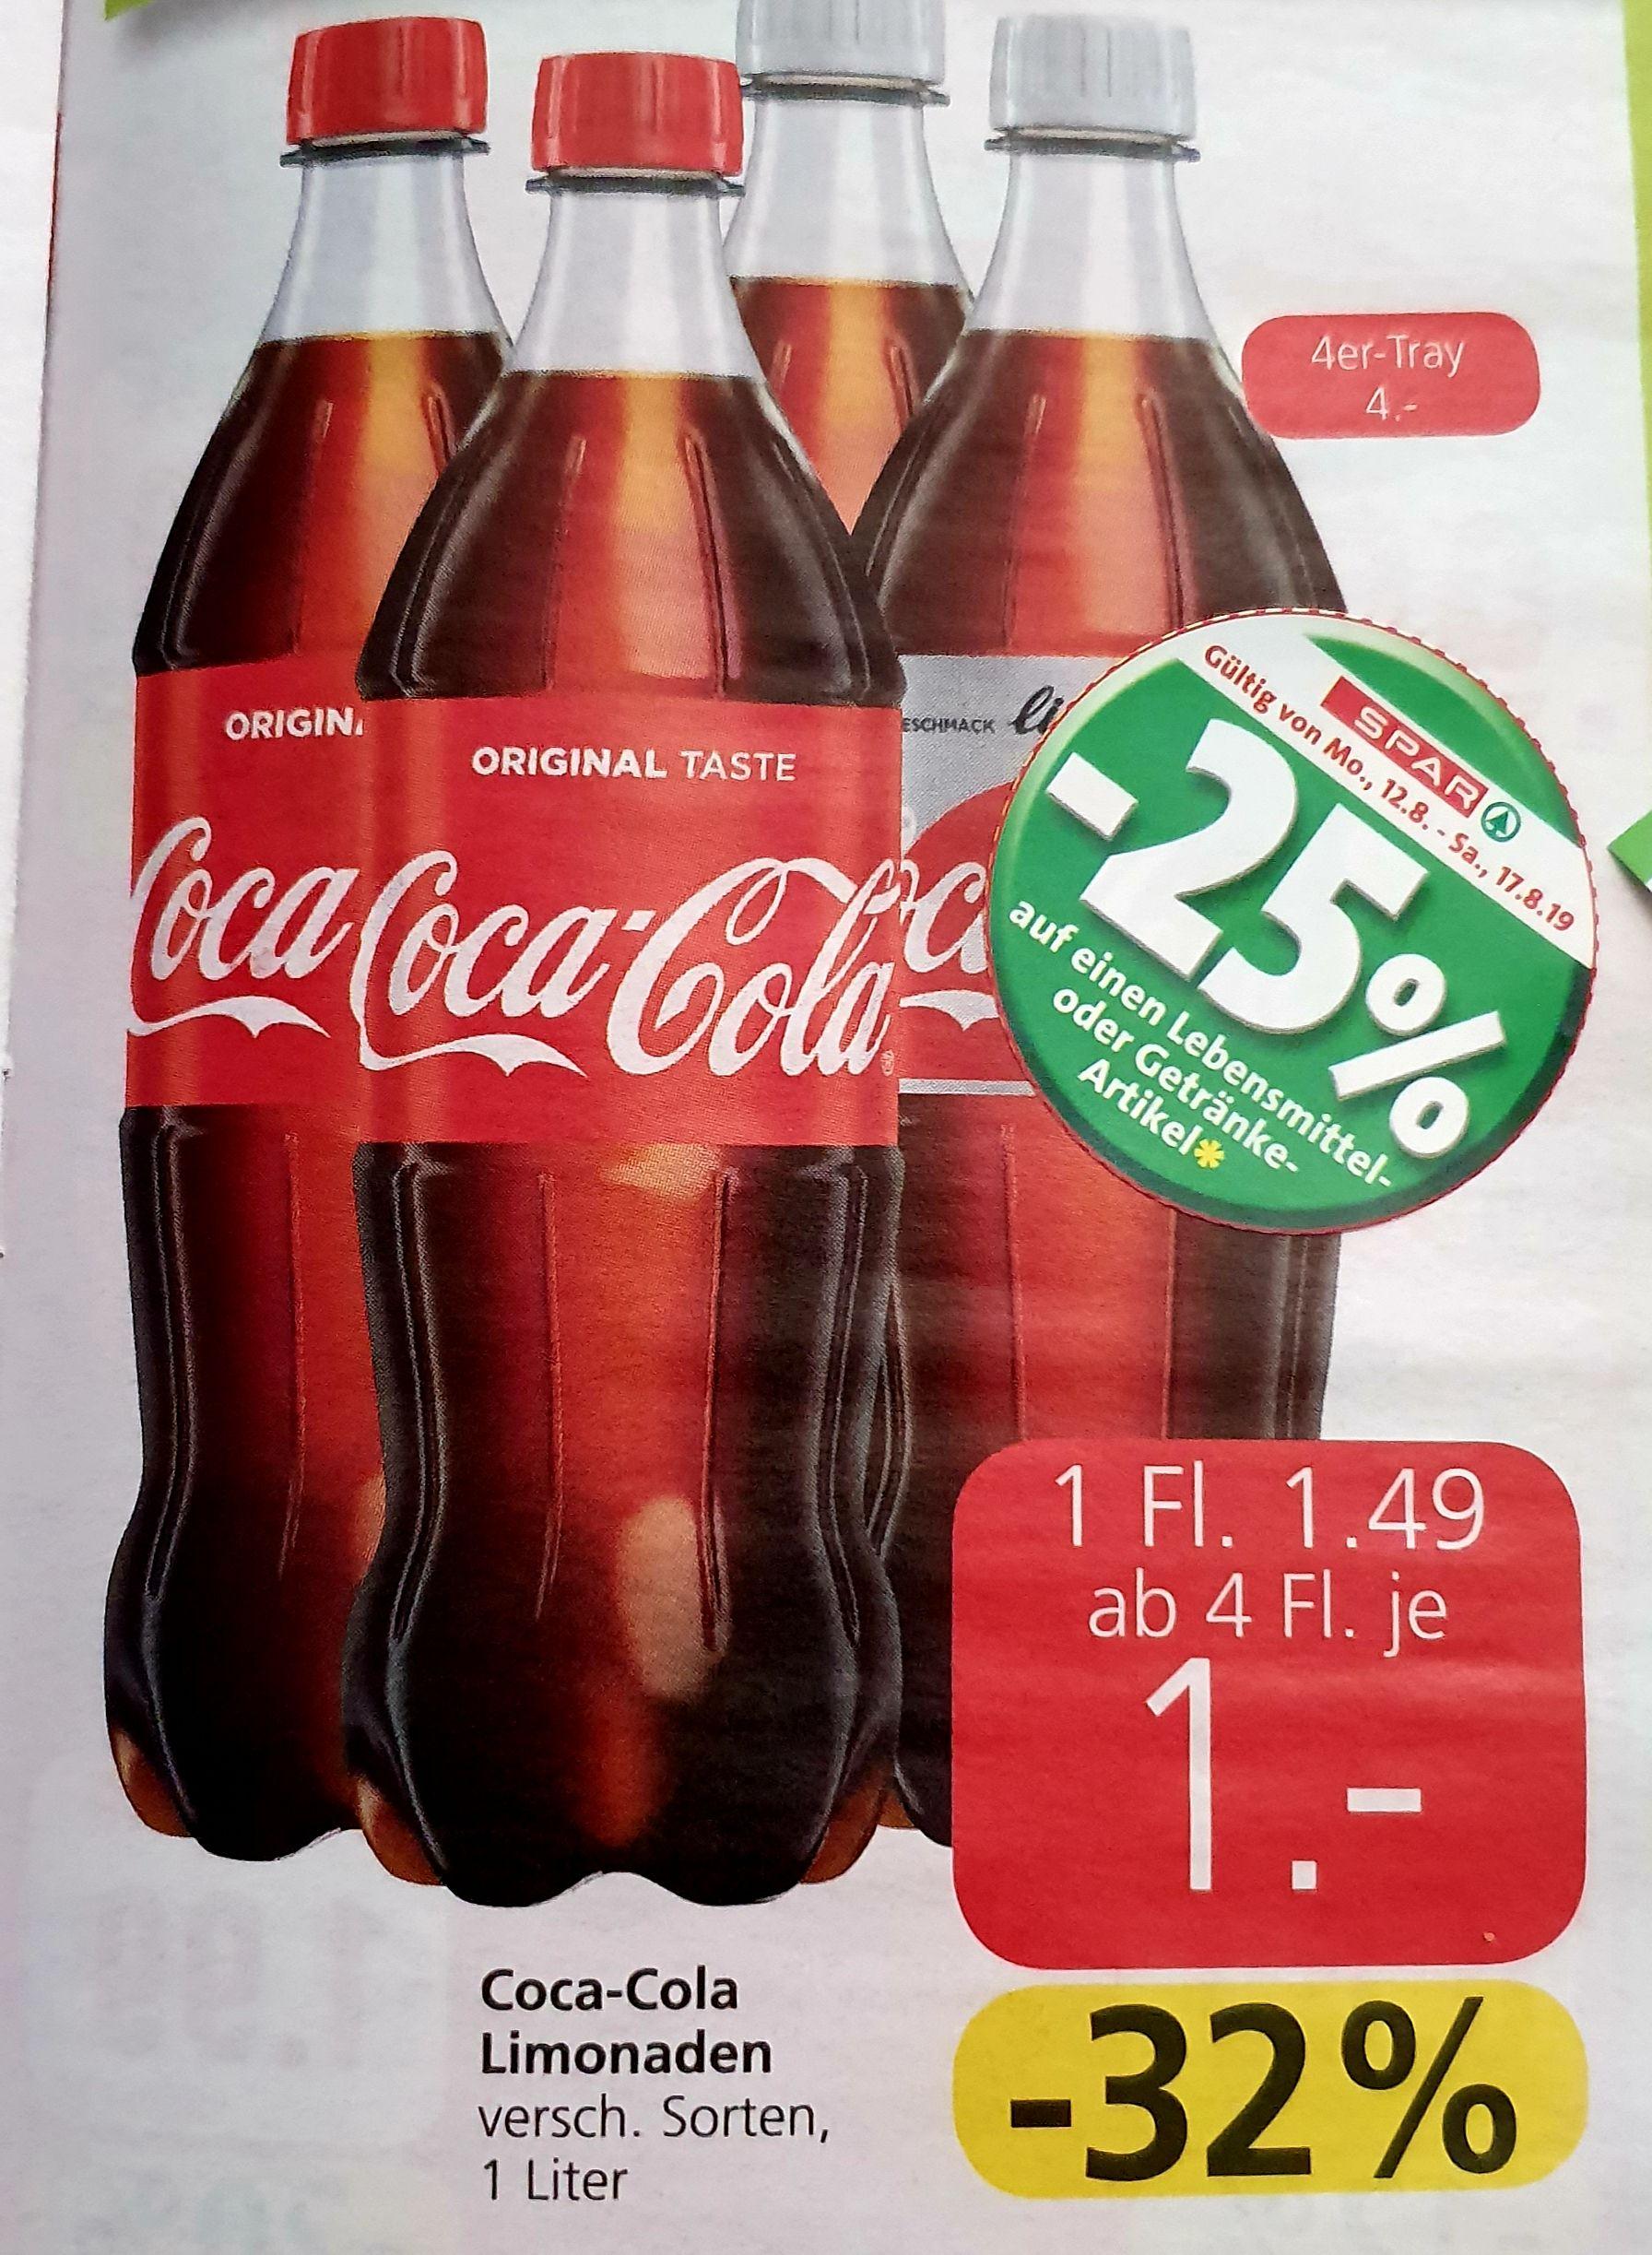 Coca Cola 1L ver.Sorten 4er Tray um 3€ mit 25% Pickerl